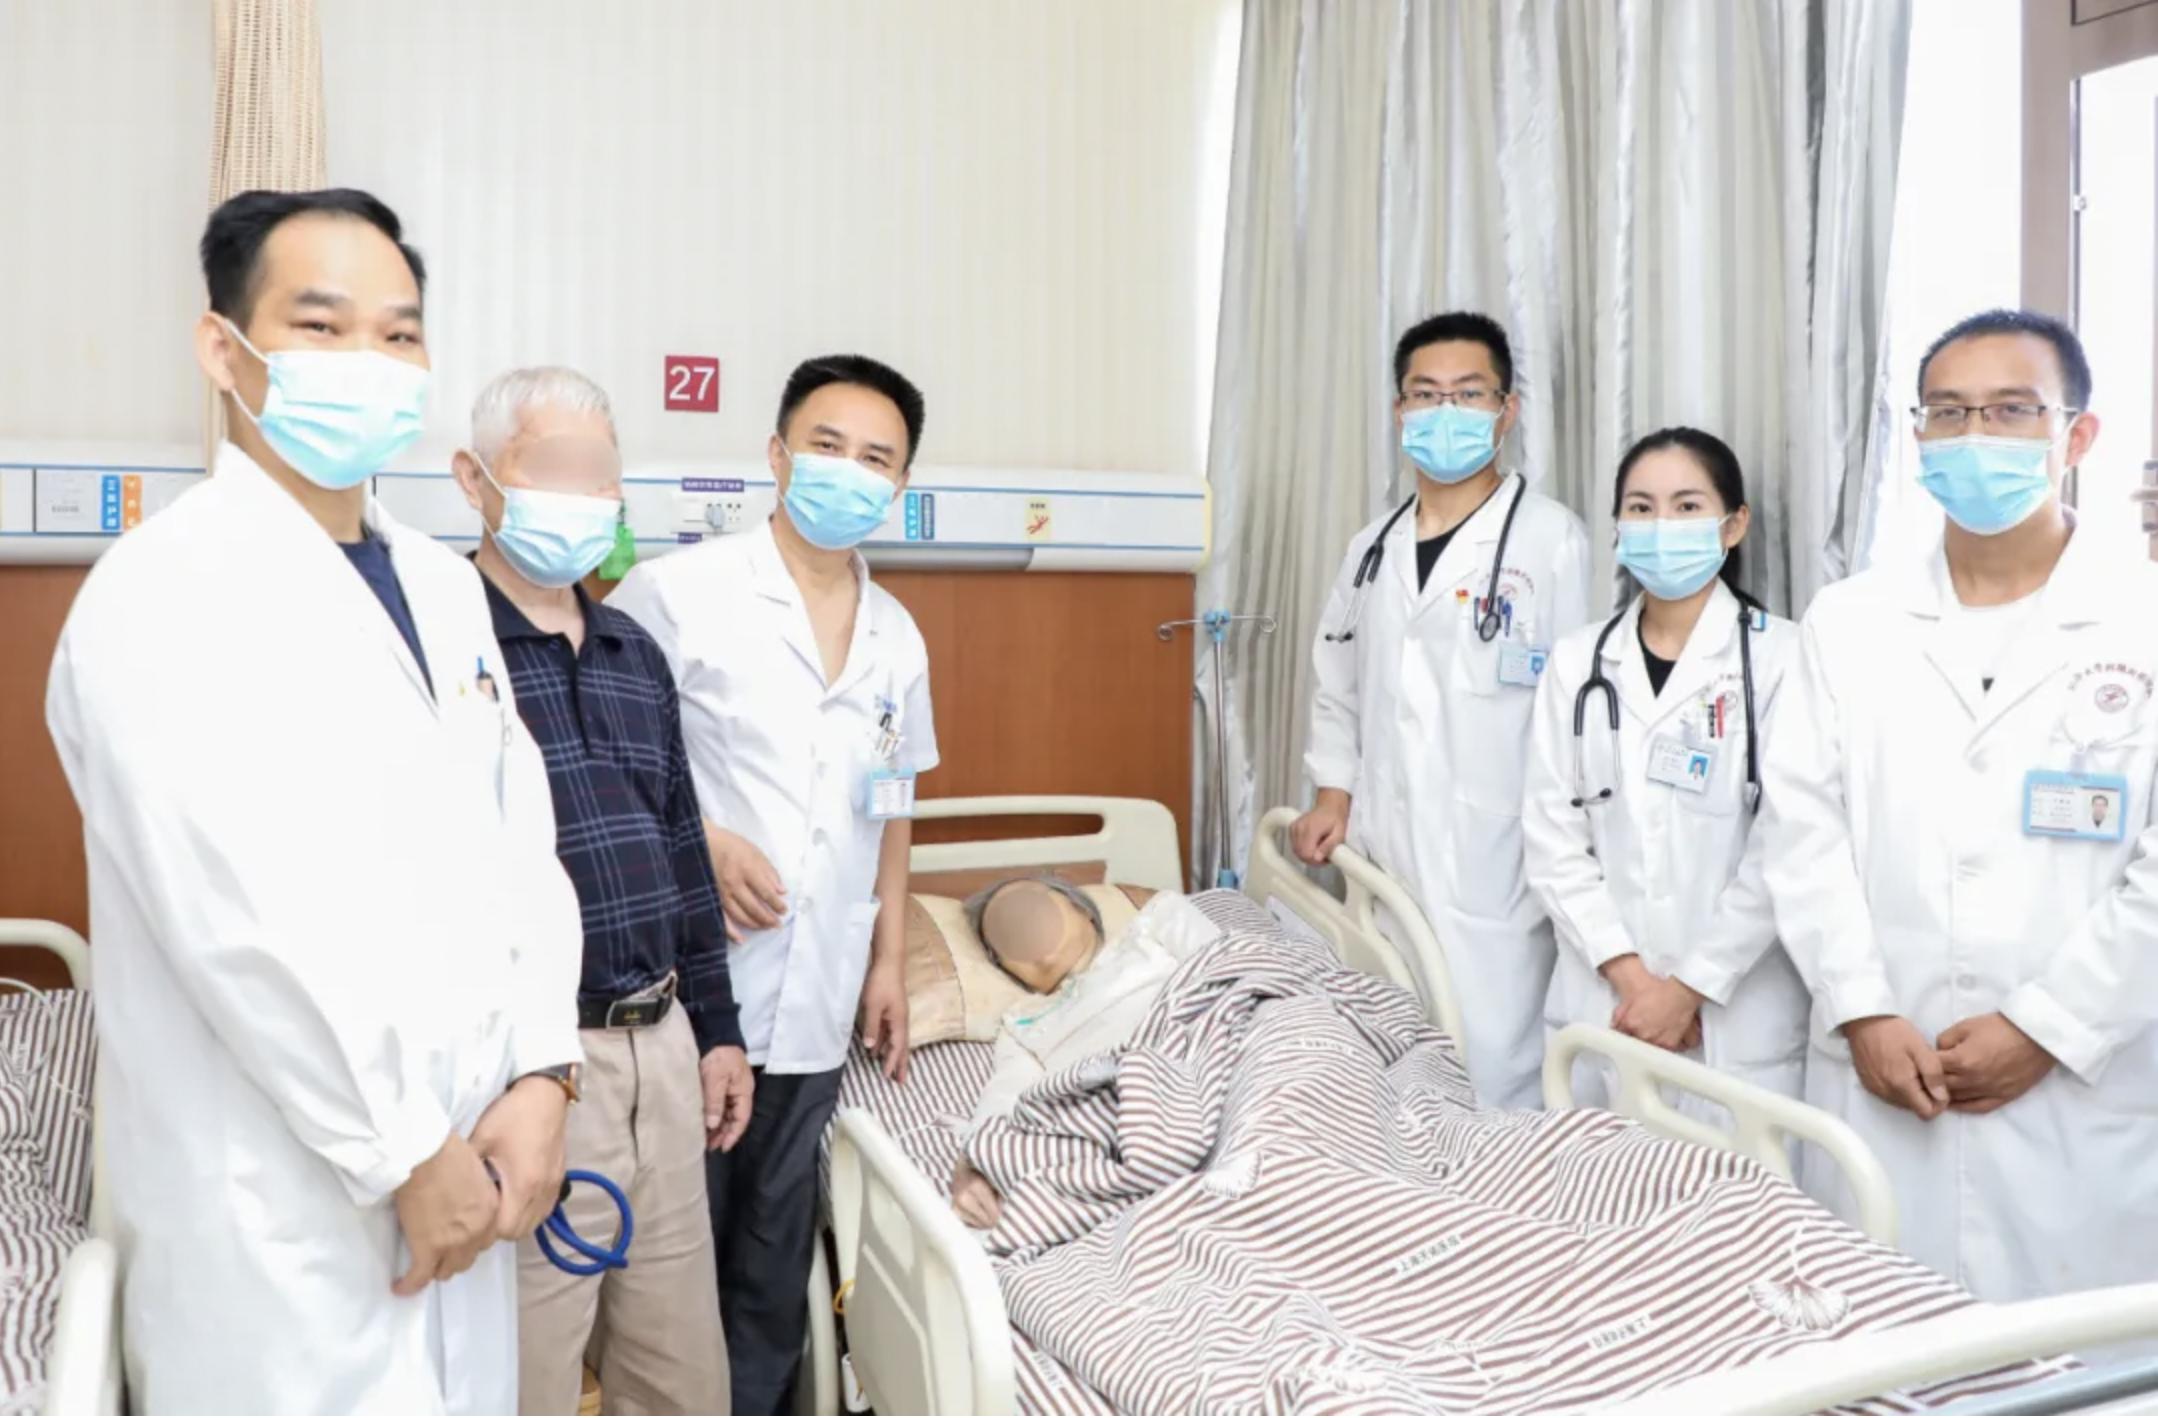 老人急性心肌梗死,急诊病区专家联动让病人重获「心」希望